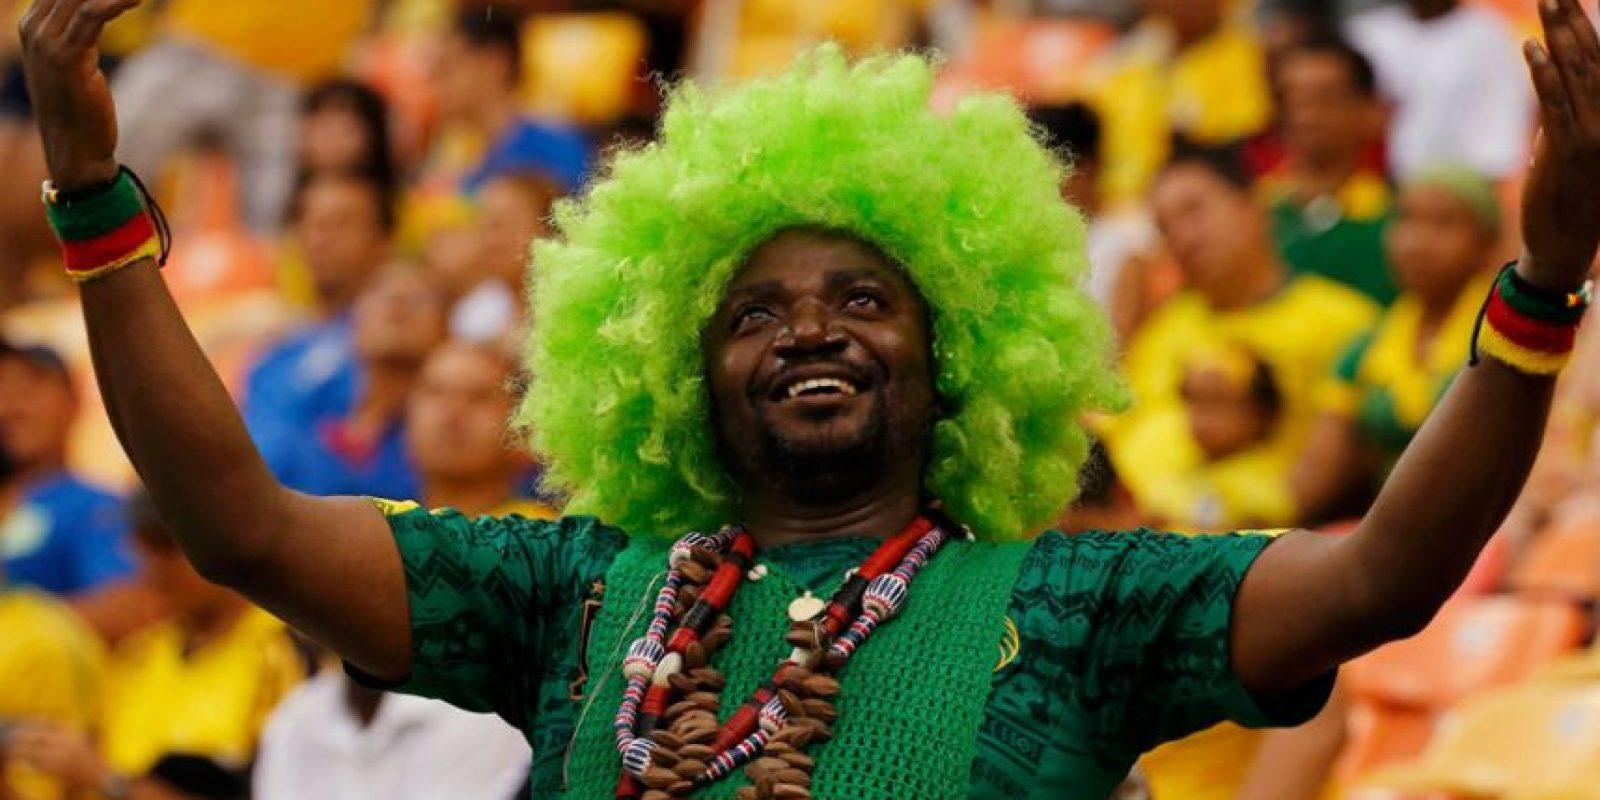 La locura por el fútbol trajo fanáticos de todo el mundo hasta América del Sur Foto:Fuente Externa